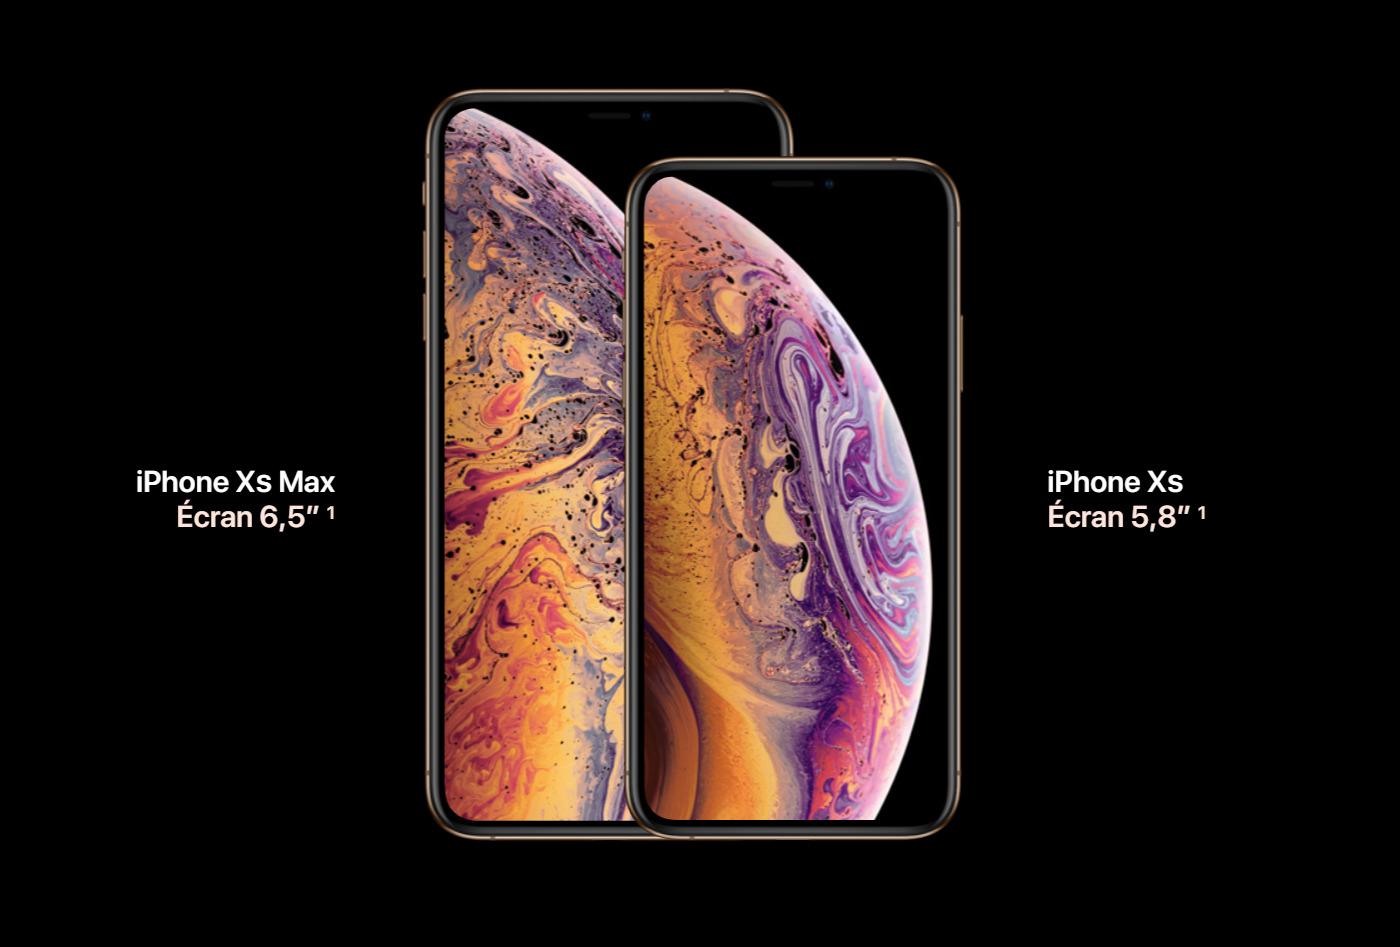 Une présentation des iPhone XS et iPhone XS Max